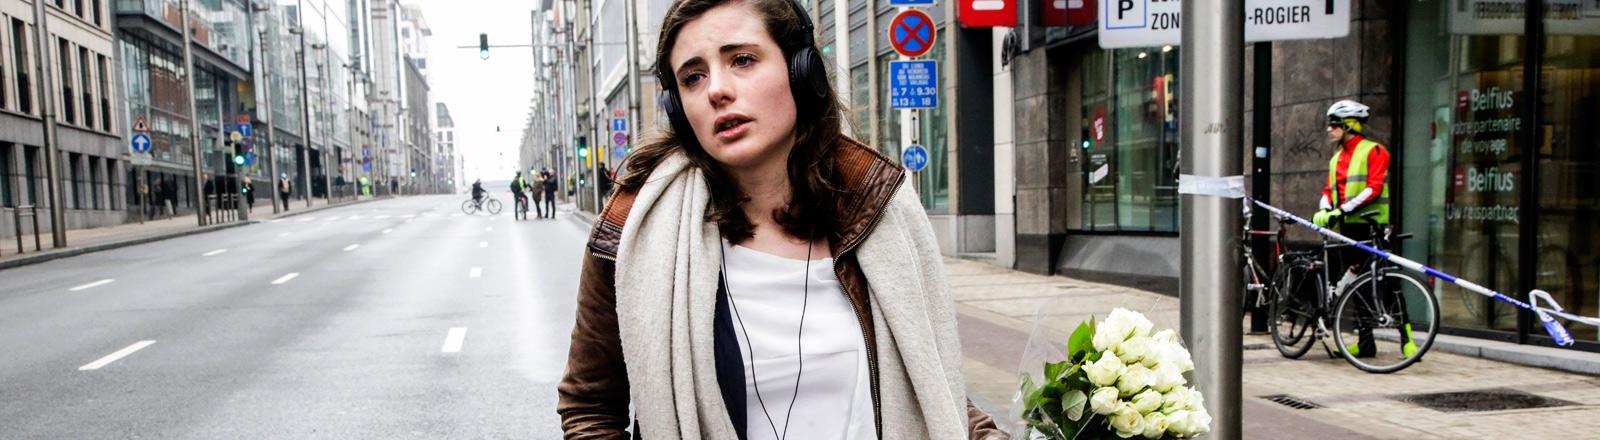 Eine junge Frau mit einem Blumenstrauß auf einer leeren Straße in der Nähe der Metro-Station Maelbeek, wo am 22.3. viele Menschen bei einem Terroranschlag starben.